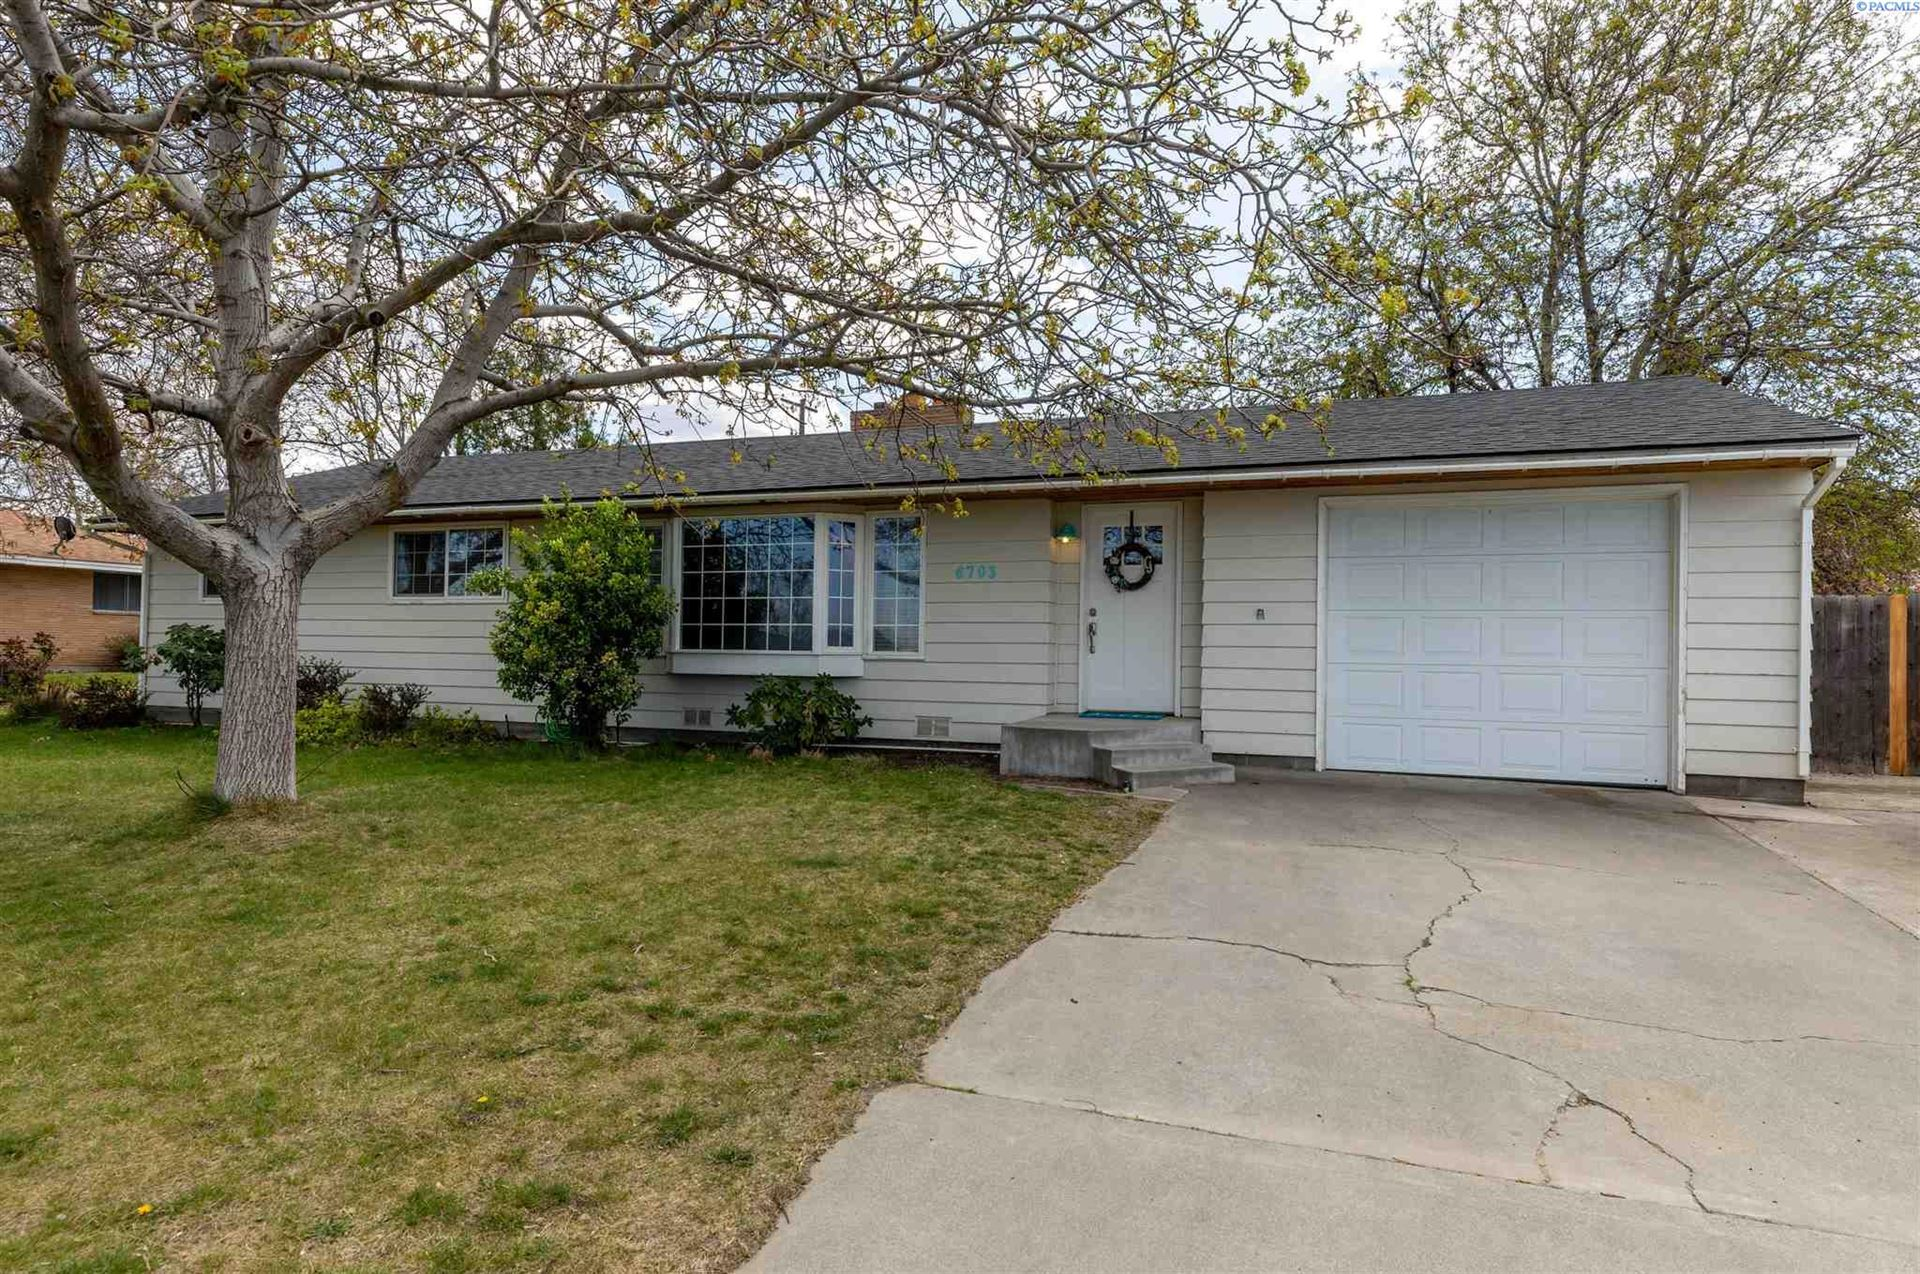 Photo of 6703 W Willamette, Kennewick, WA 99336 (MLS # 252903)